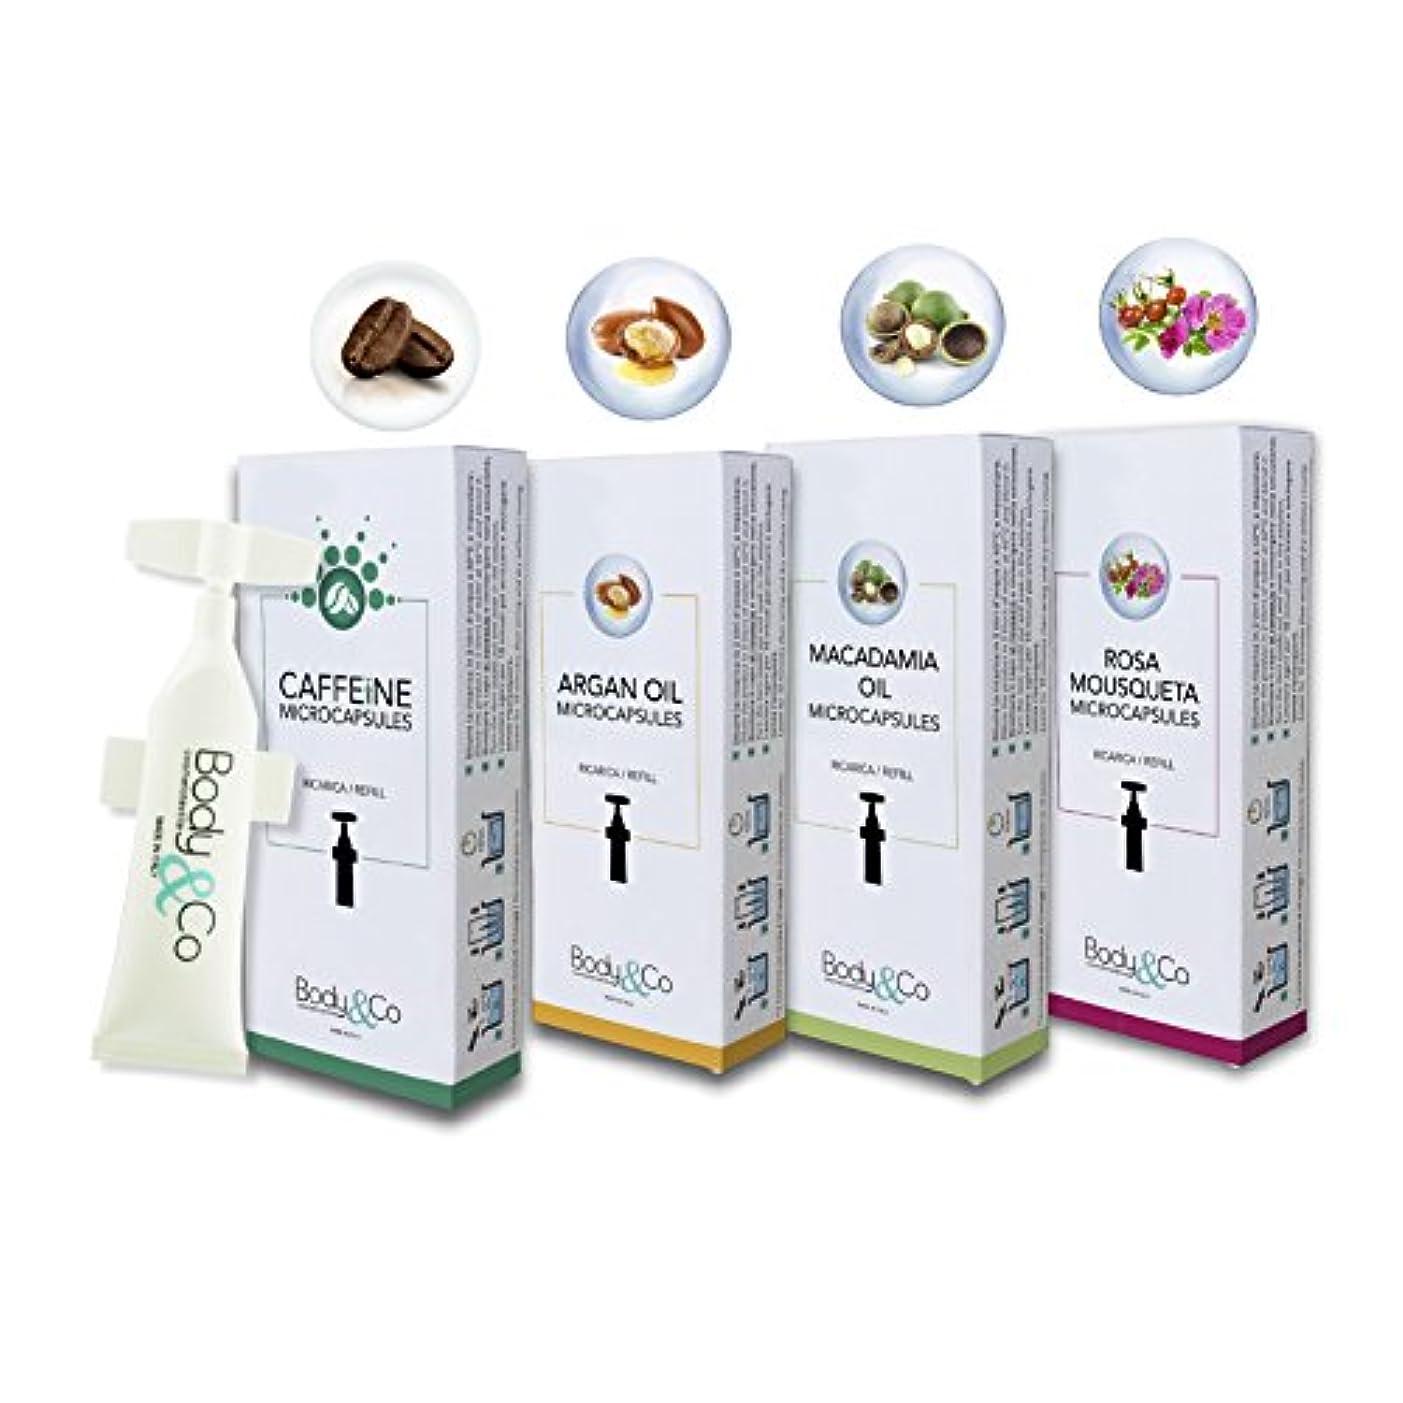 逃す六分儀応じるBody&Co Cosmetic Mix 4 Refills 10 ml: Caffeine, Argan Oil, Macadamia Oil, Rosa Mosqueta Oil